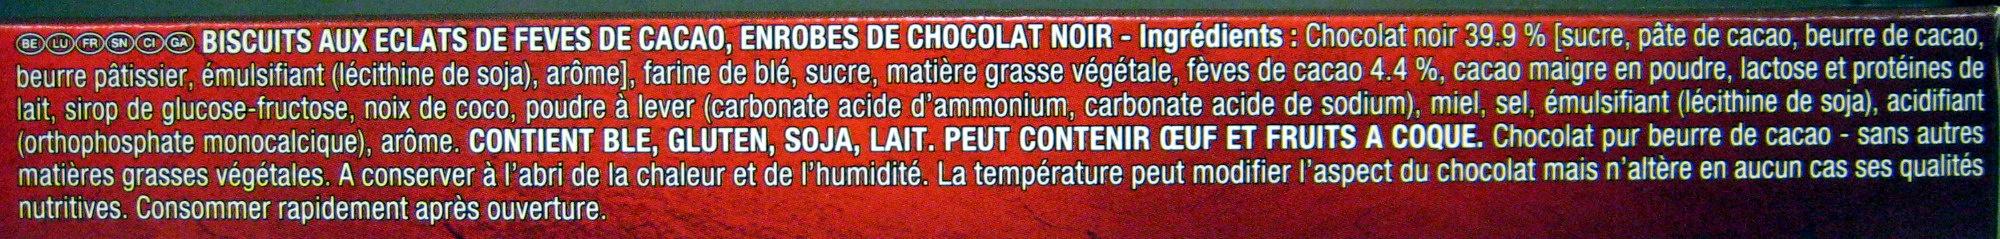 Palet intense Noir aux éclats de fèves de cacao - Ingredients - fr